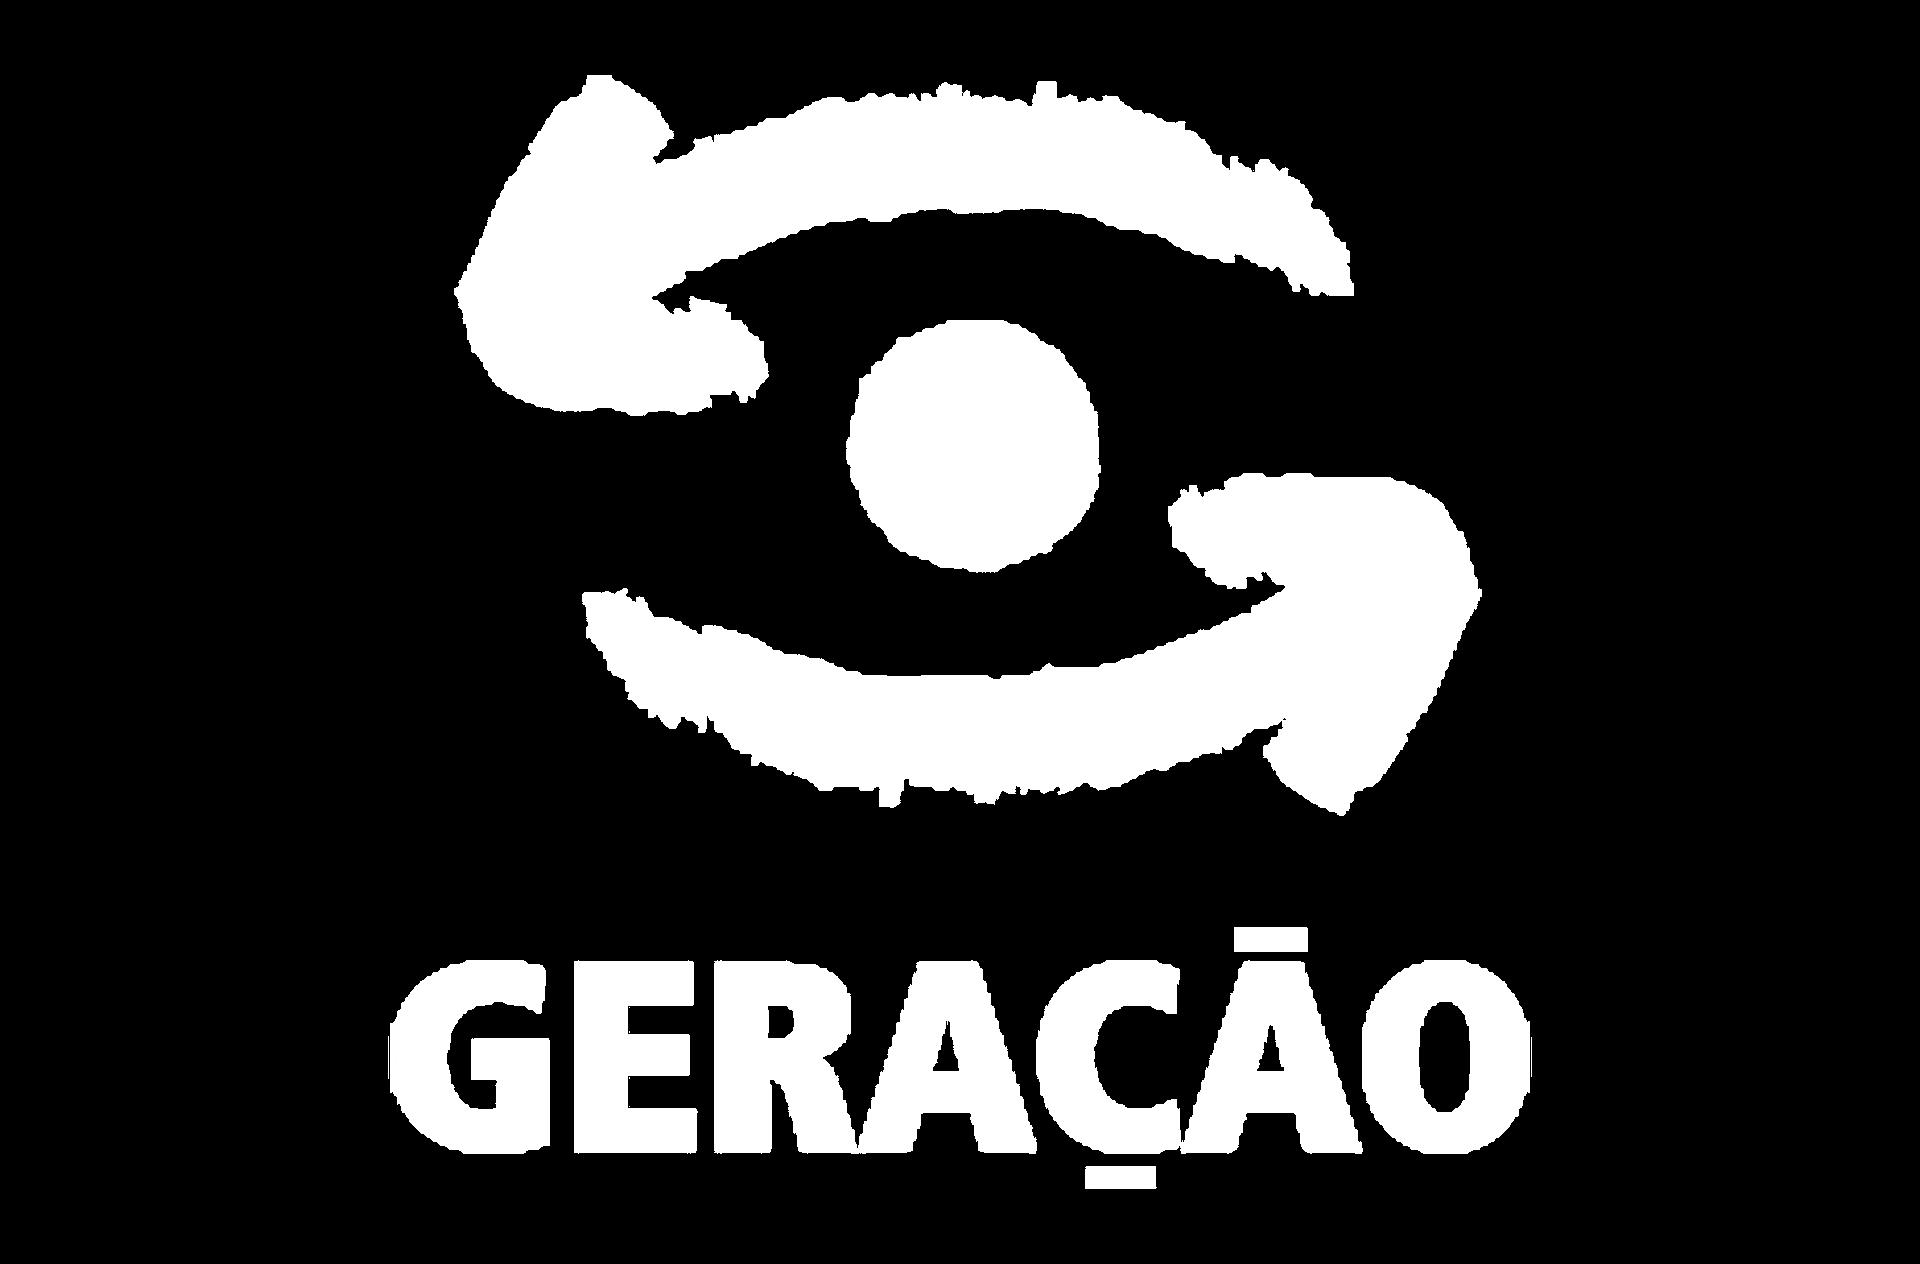 geracao-editorial